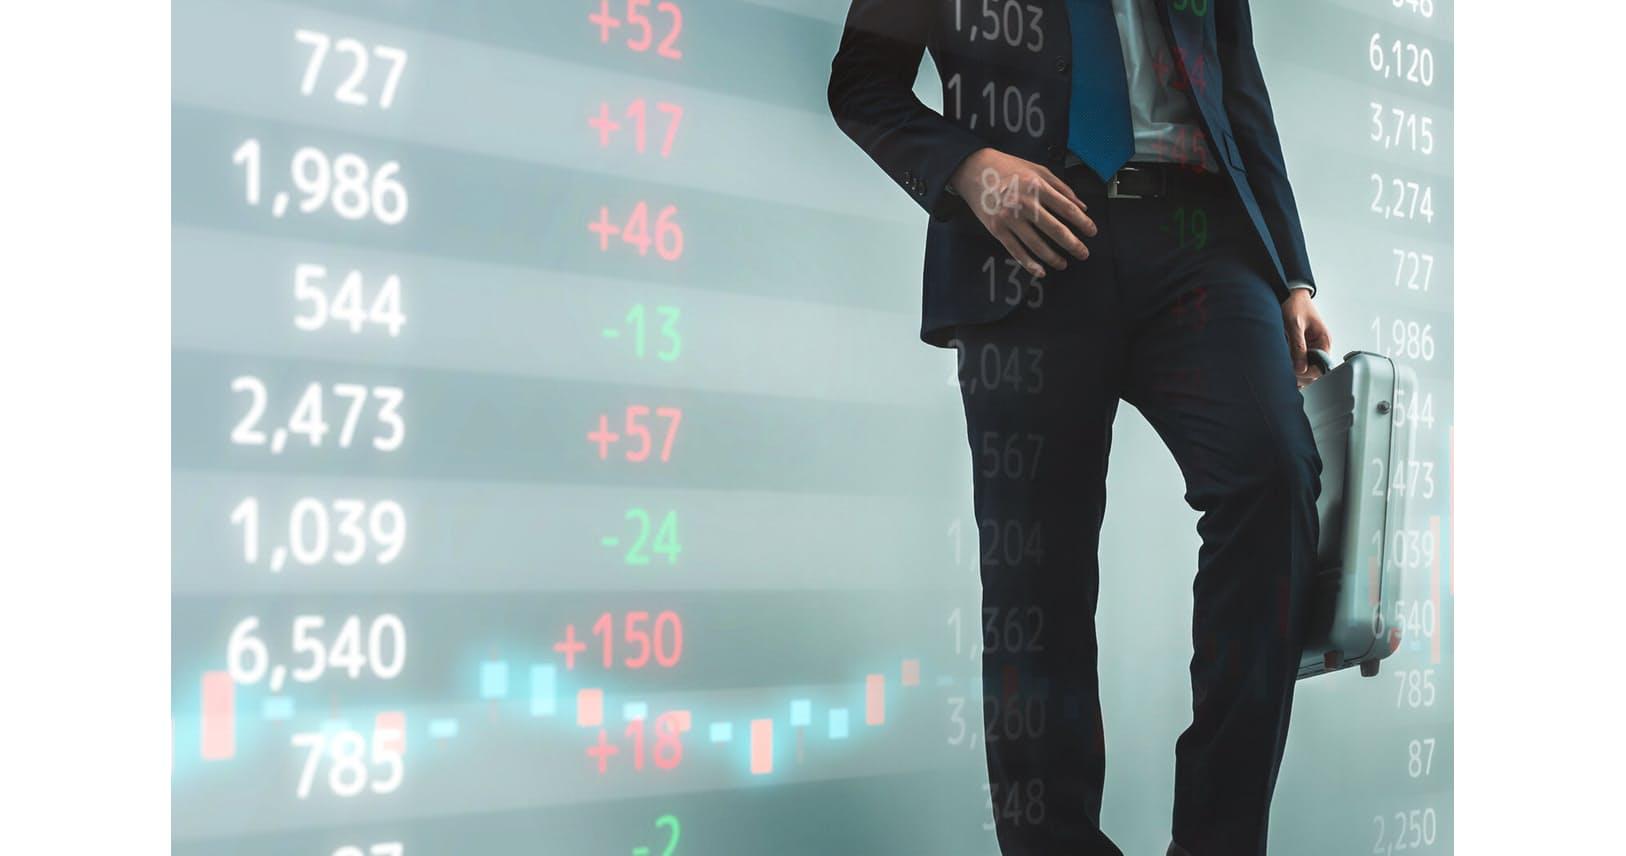 株式相場を経験則でよむ 行事や選挙、投資のヒントに|マネー研究所|NIKKEI STYLE